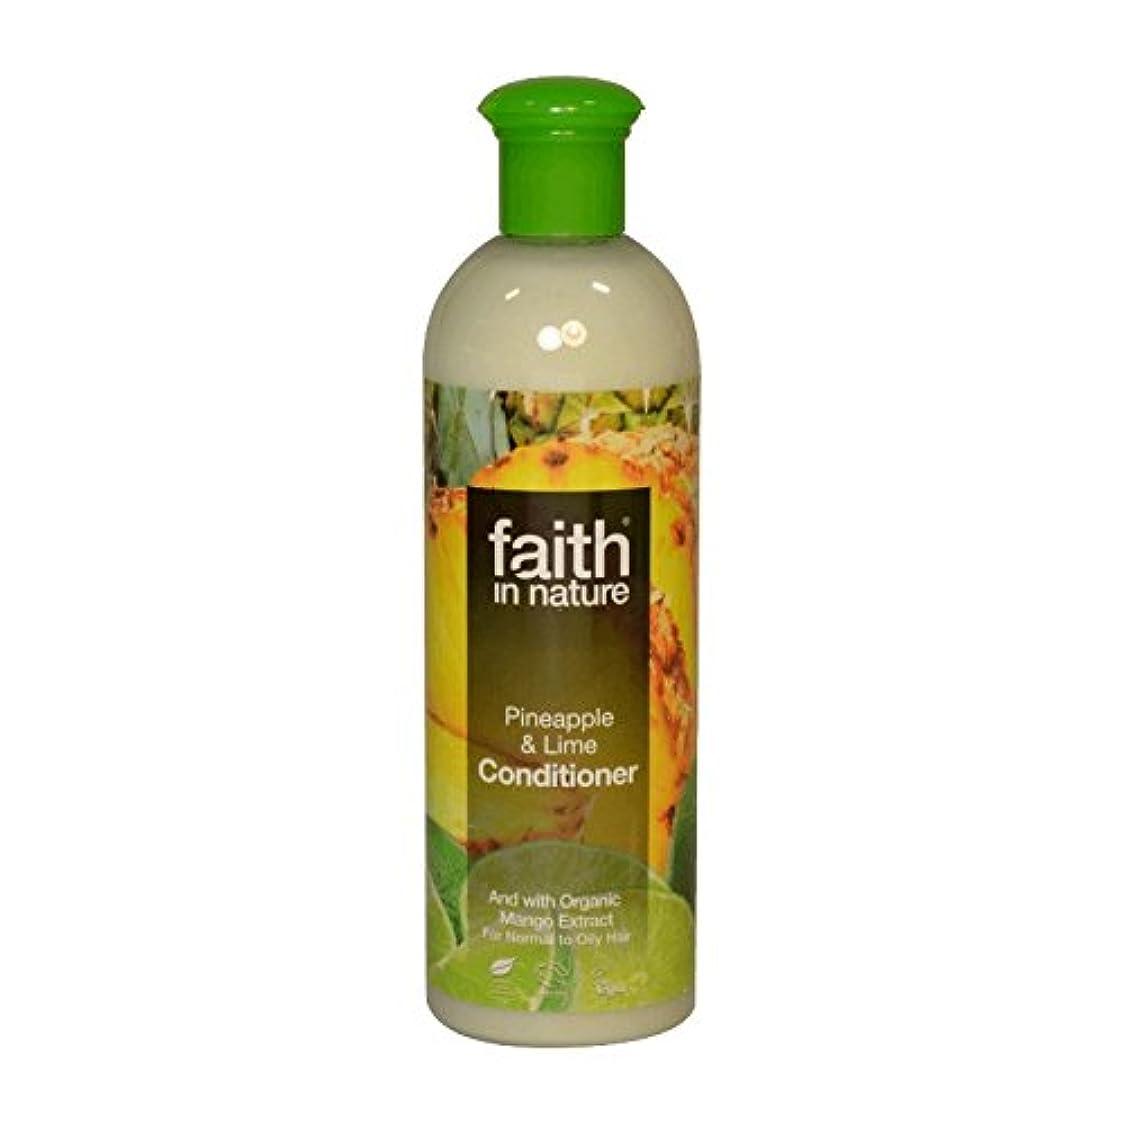 再現する画家廃棄Faith in Nature Pineapple & Lime Conditioner 400ml (Pack of 6) - 自然パイナップル&ライムコンディショナー400ミリリットルの信仰 (x6) [並行輸入品]